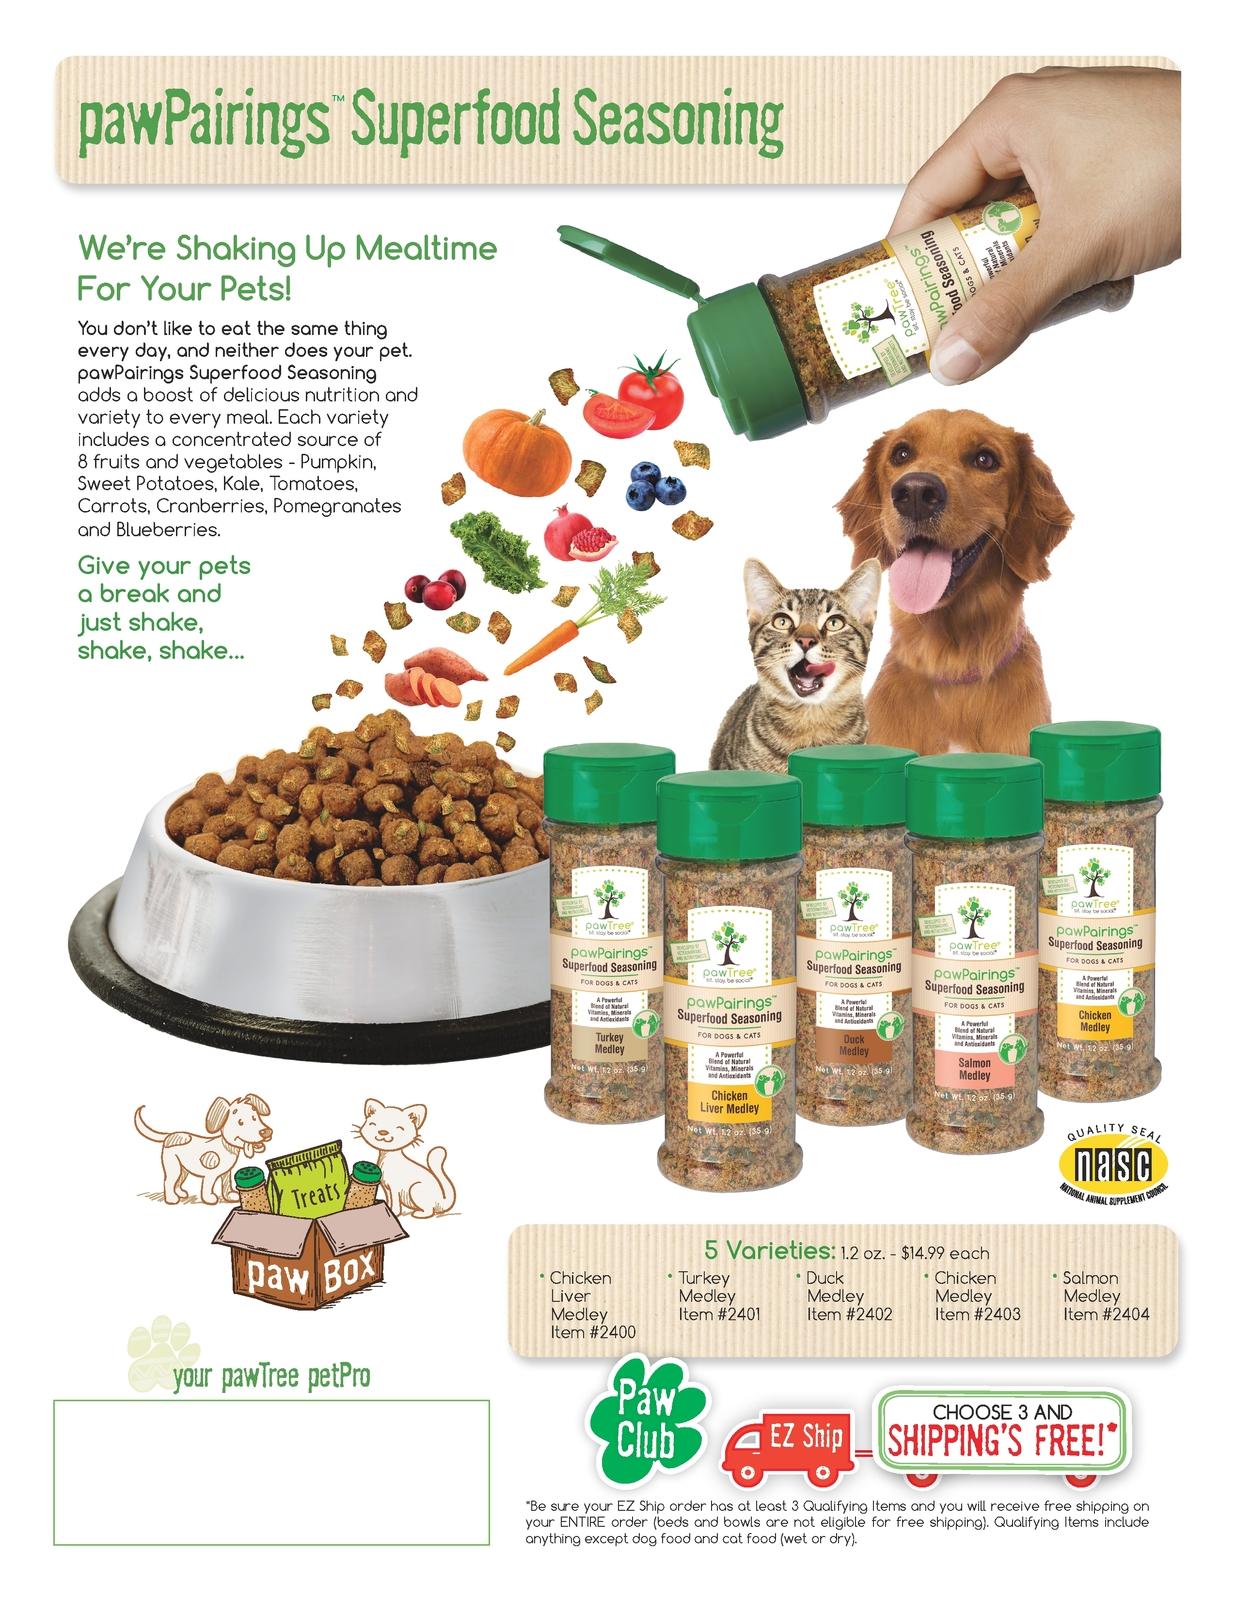 Sales Sheet - pawPairings Superfood Seasoning